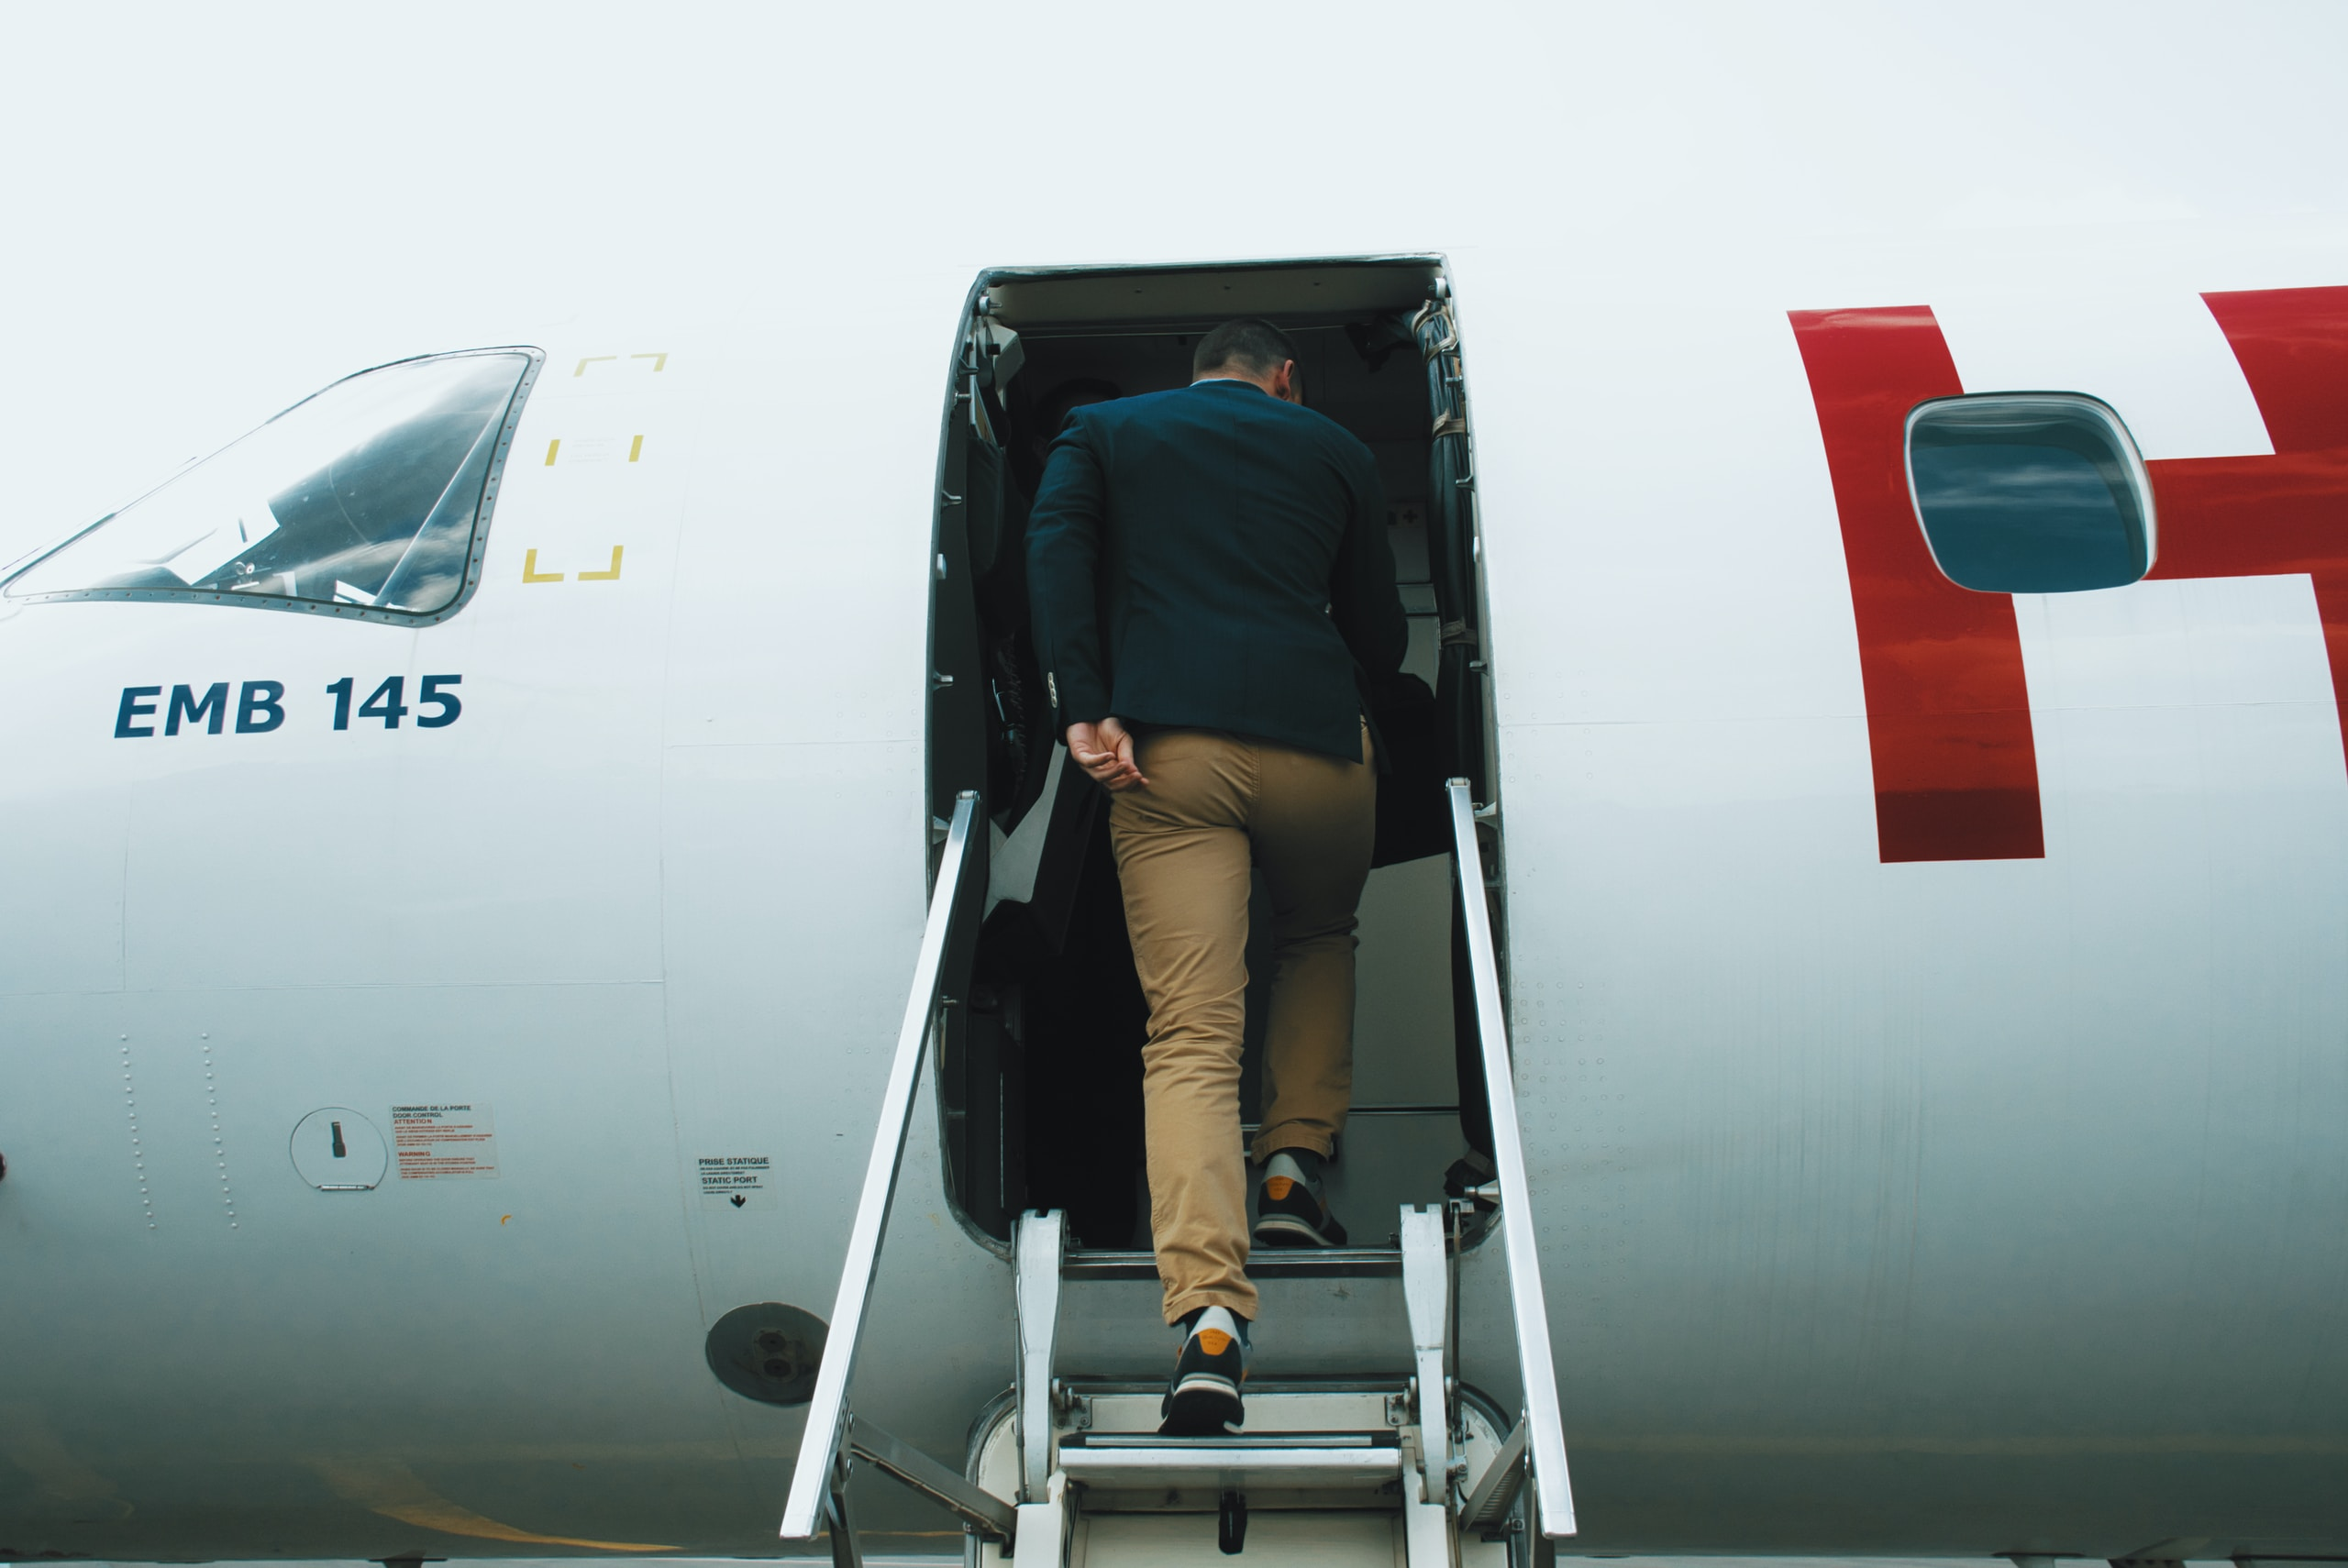 man entering plane during daytime